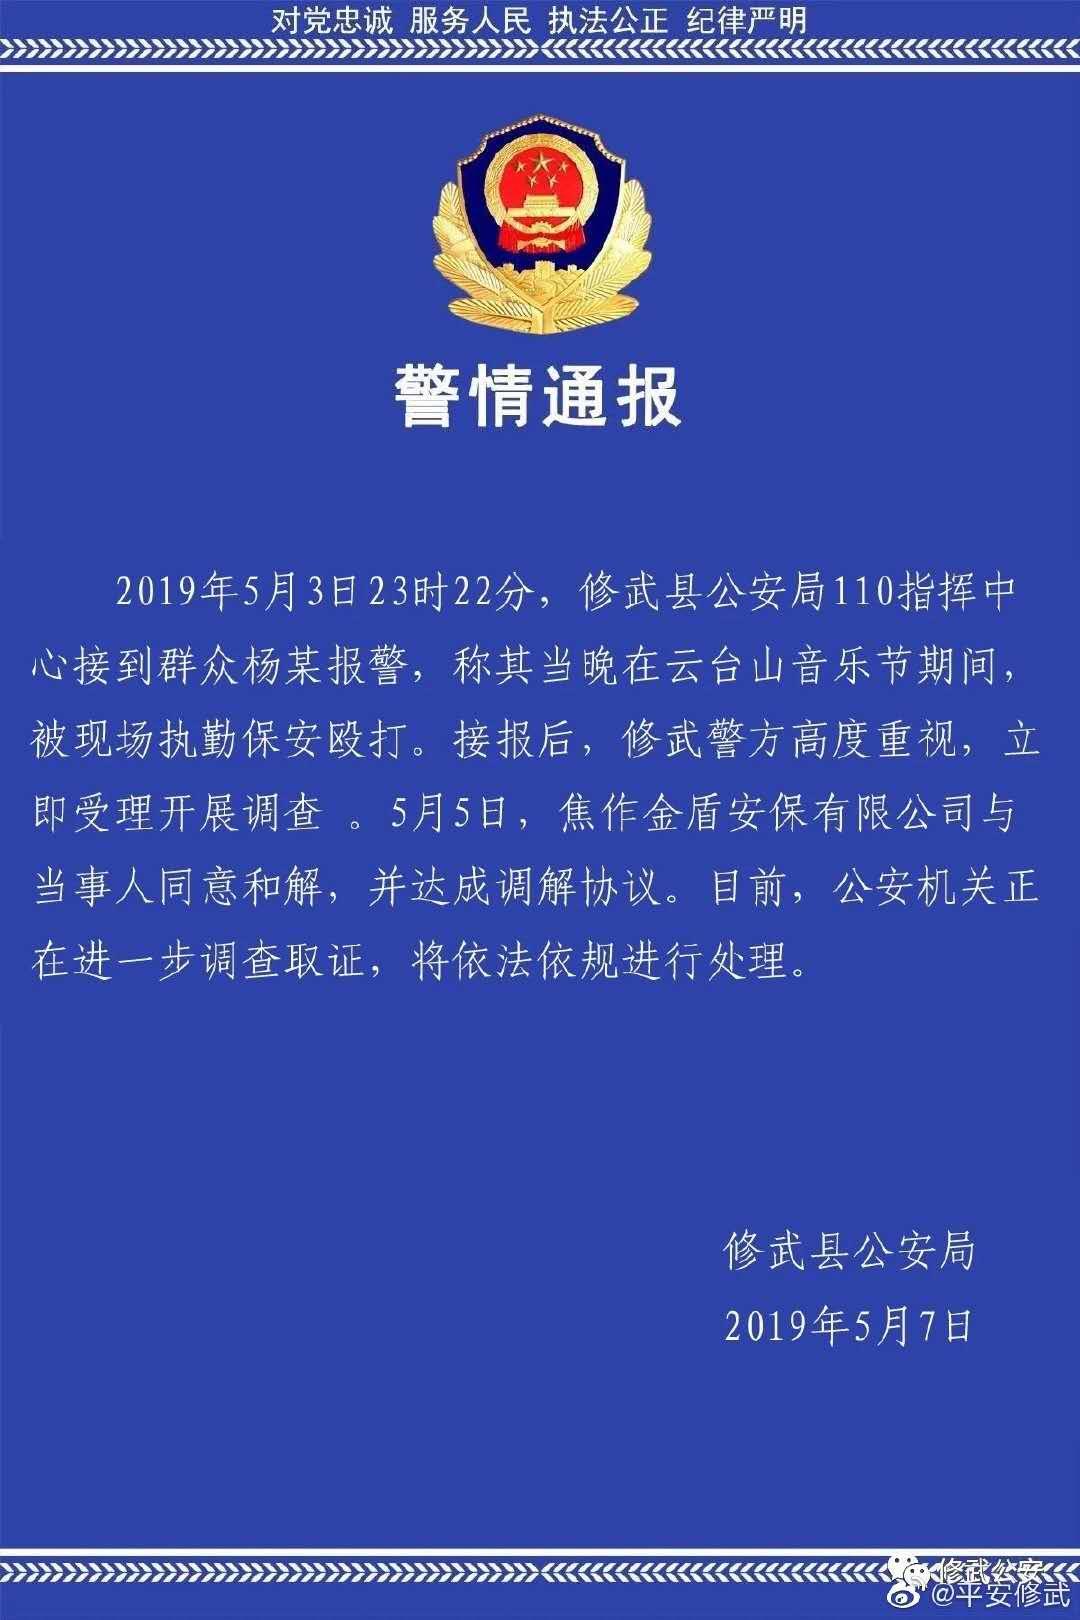 通报!云台山音乐节观众遭保安殴打 修武县警方:双方和解 正在进一步调查